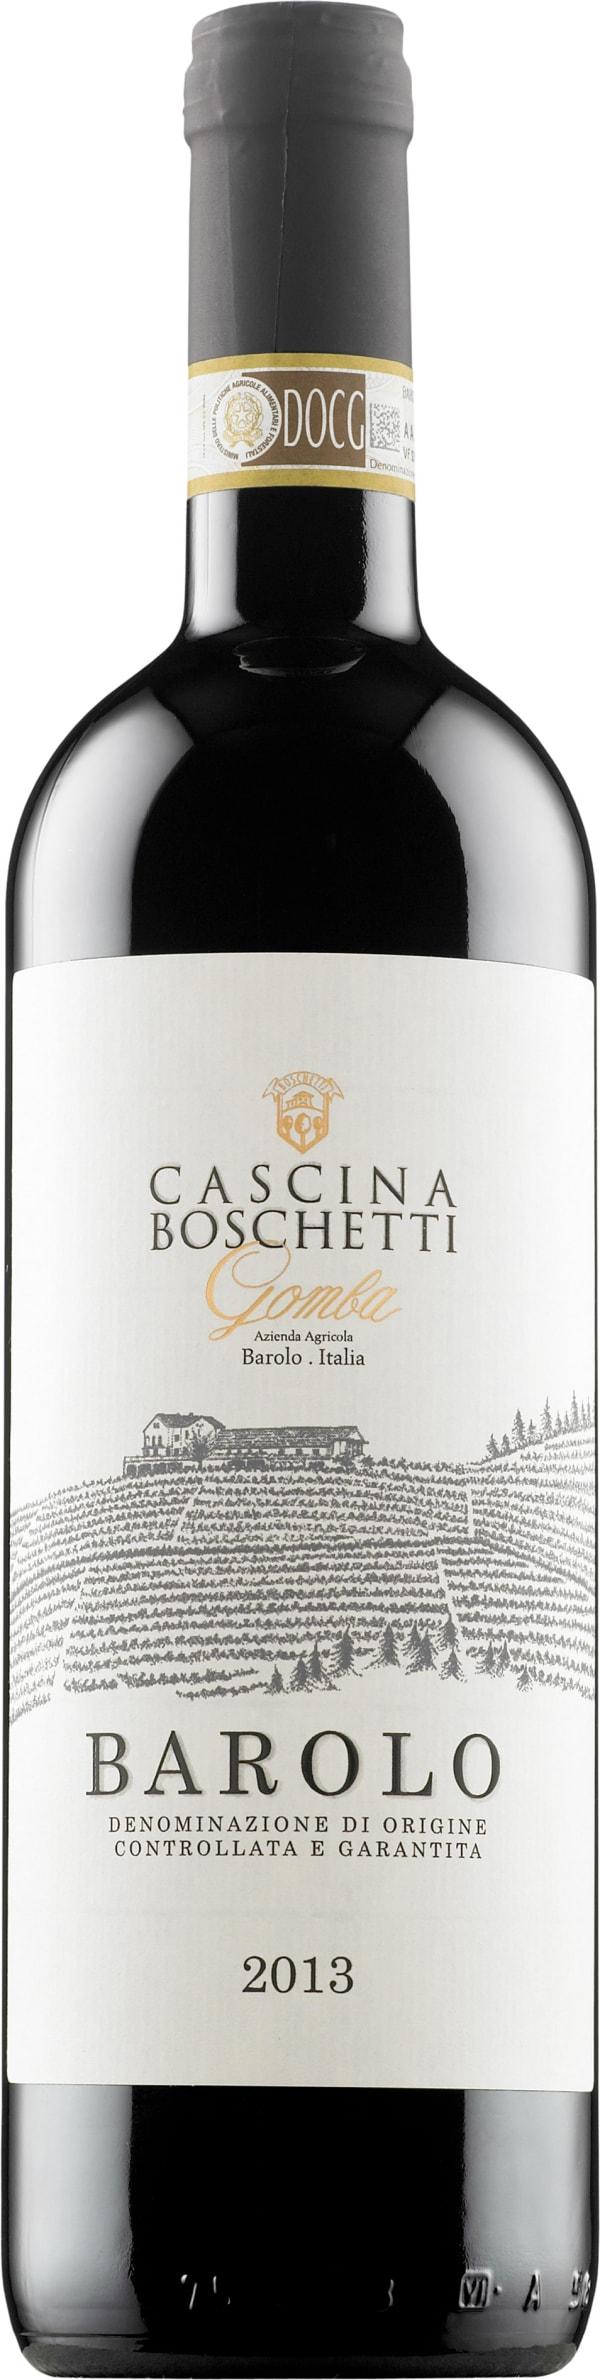 Cascina Boschetti Gomba Barolo 2014